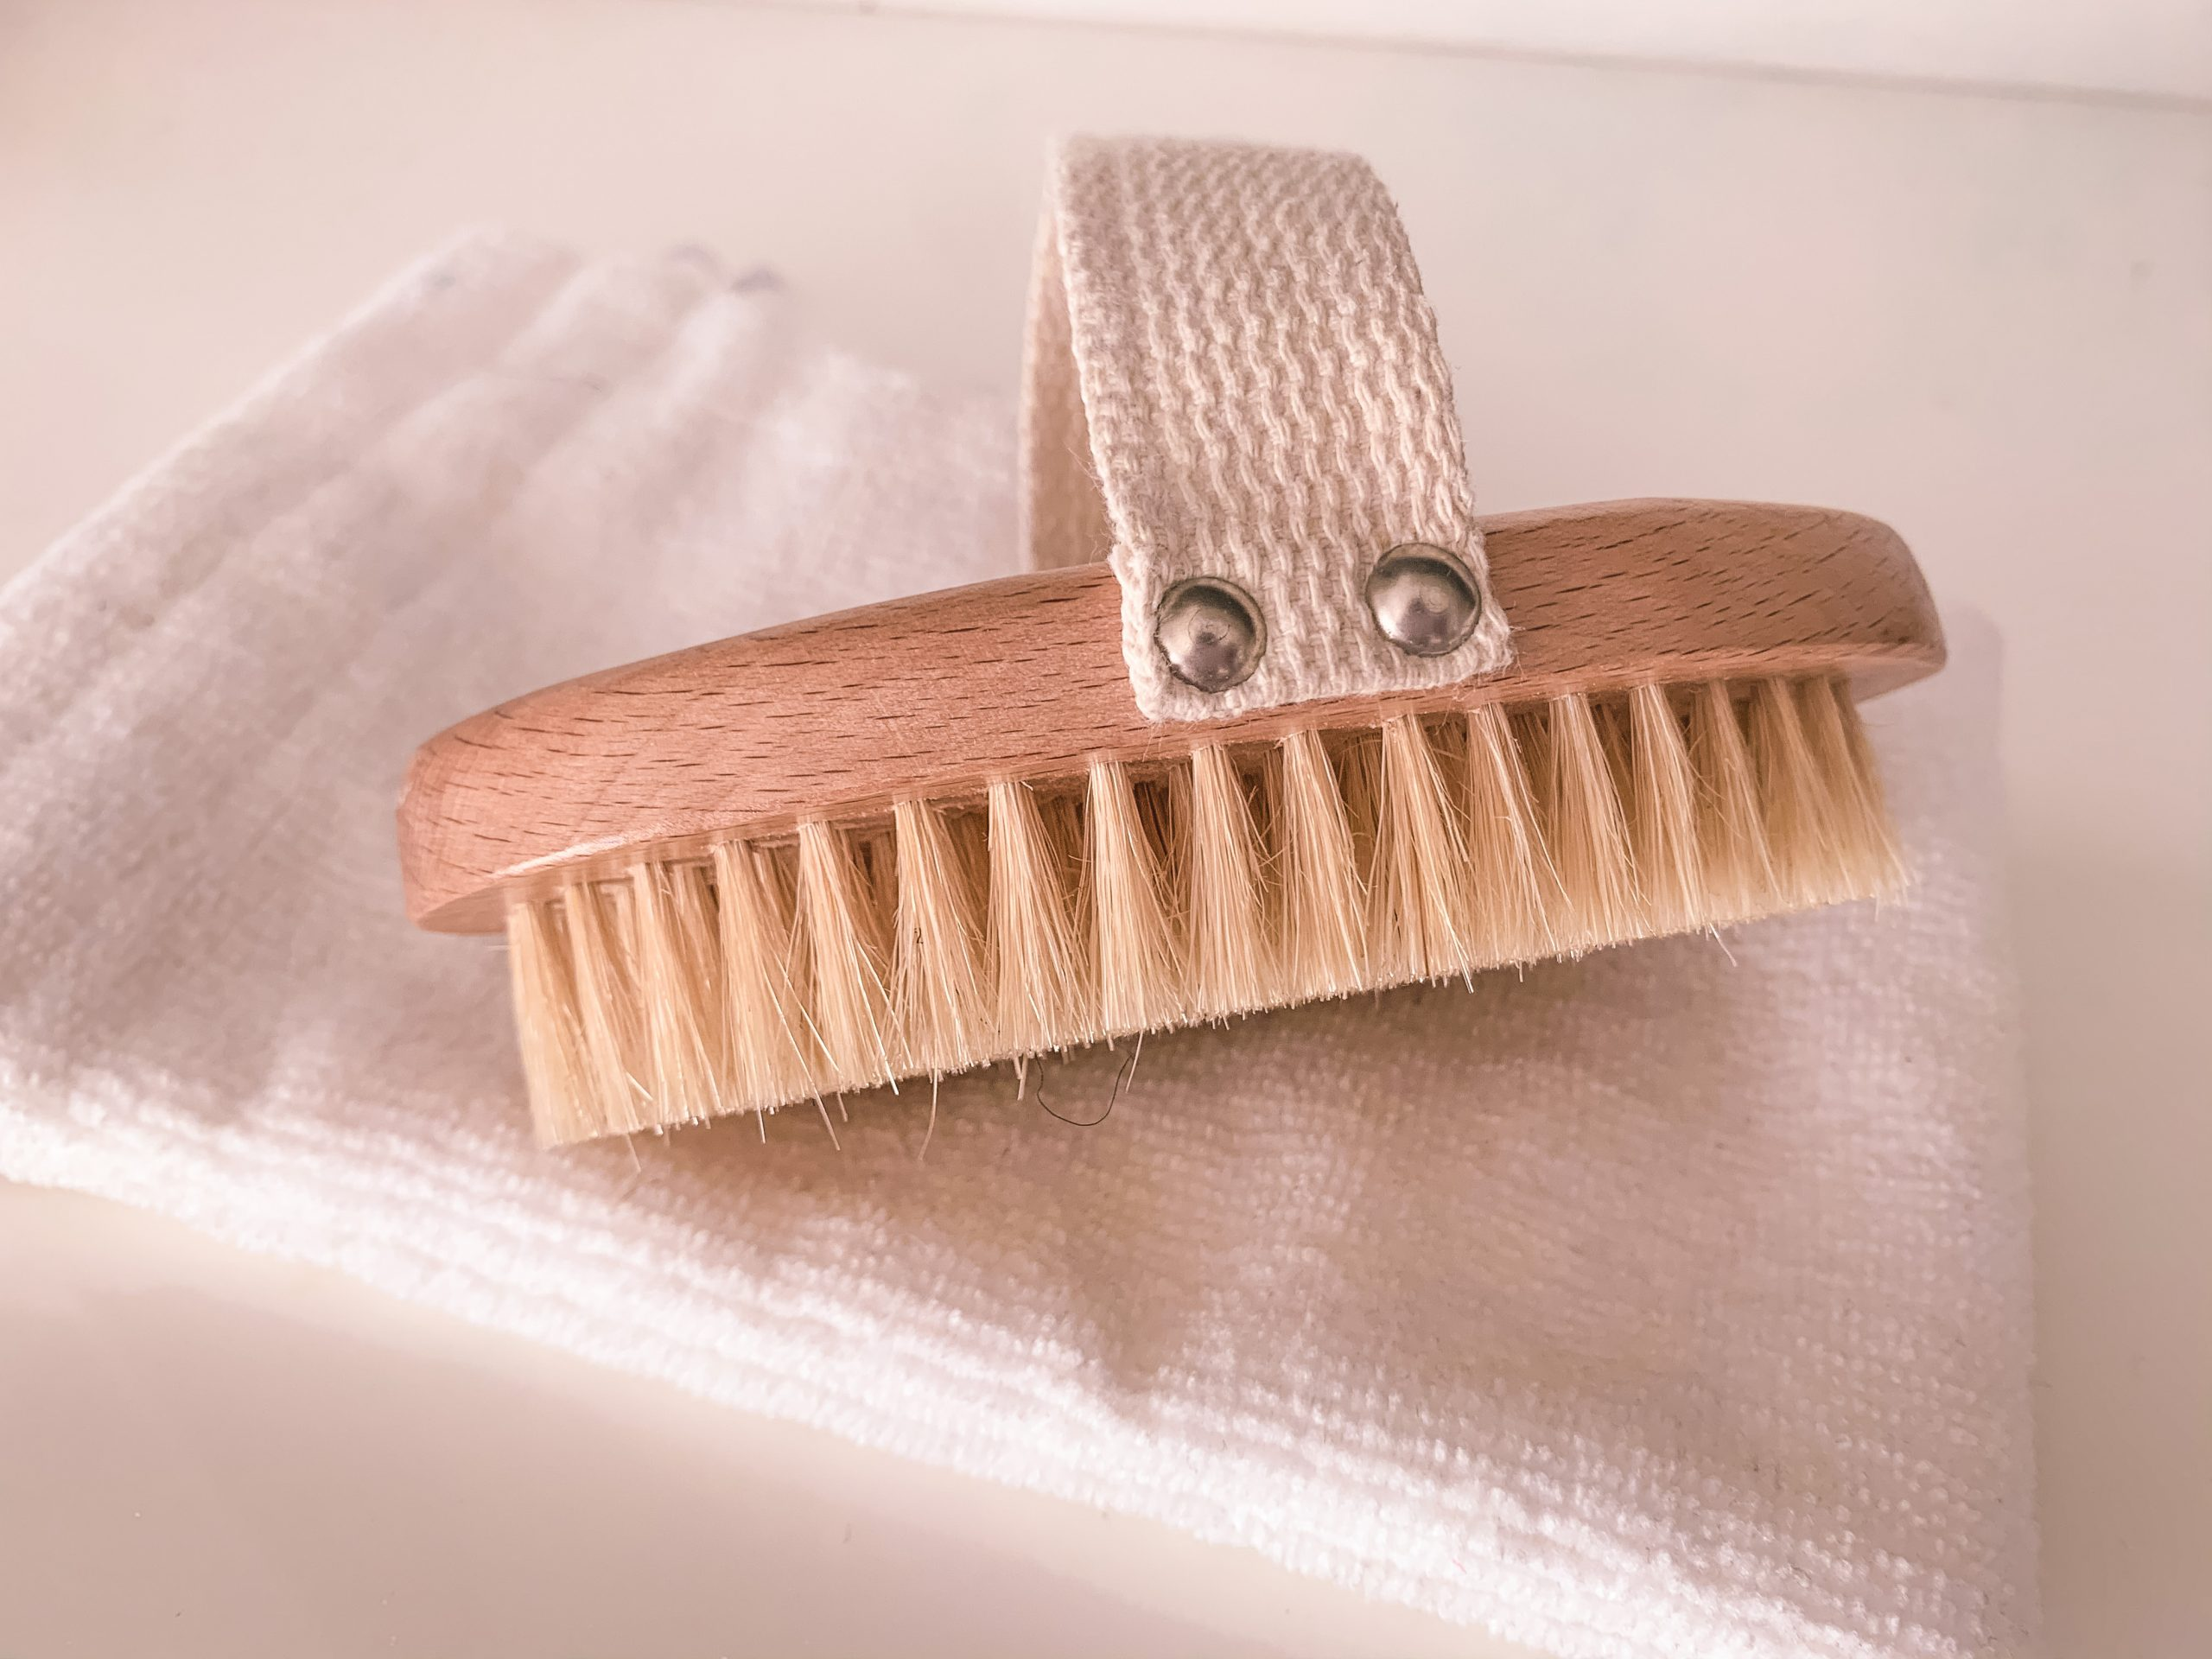 dry_ brushing